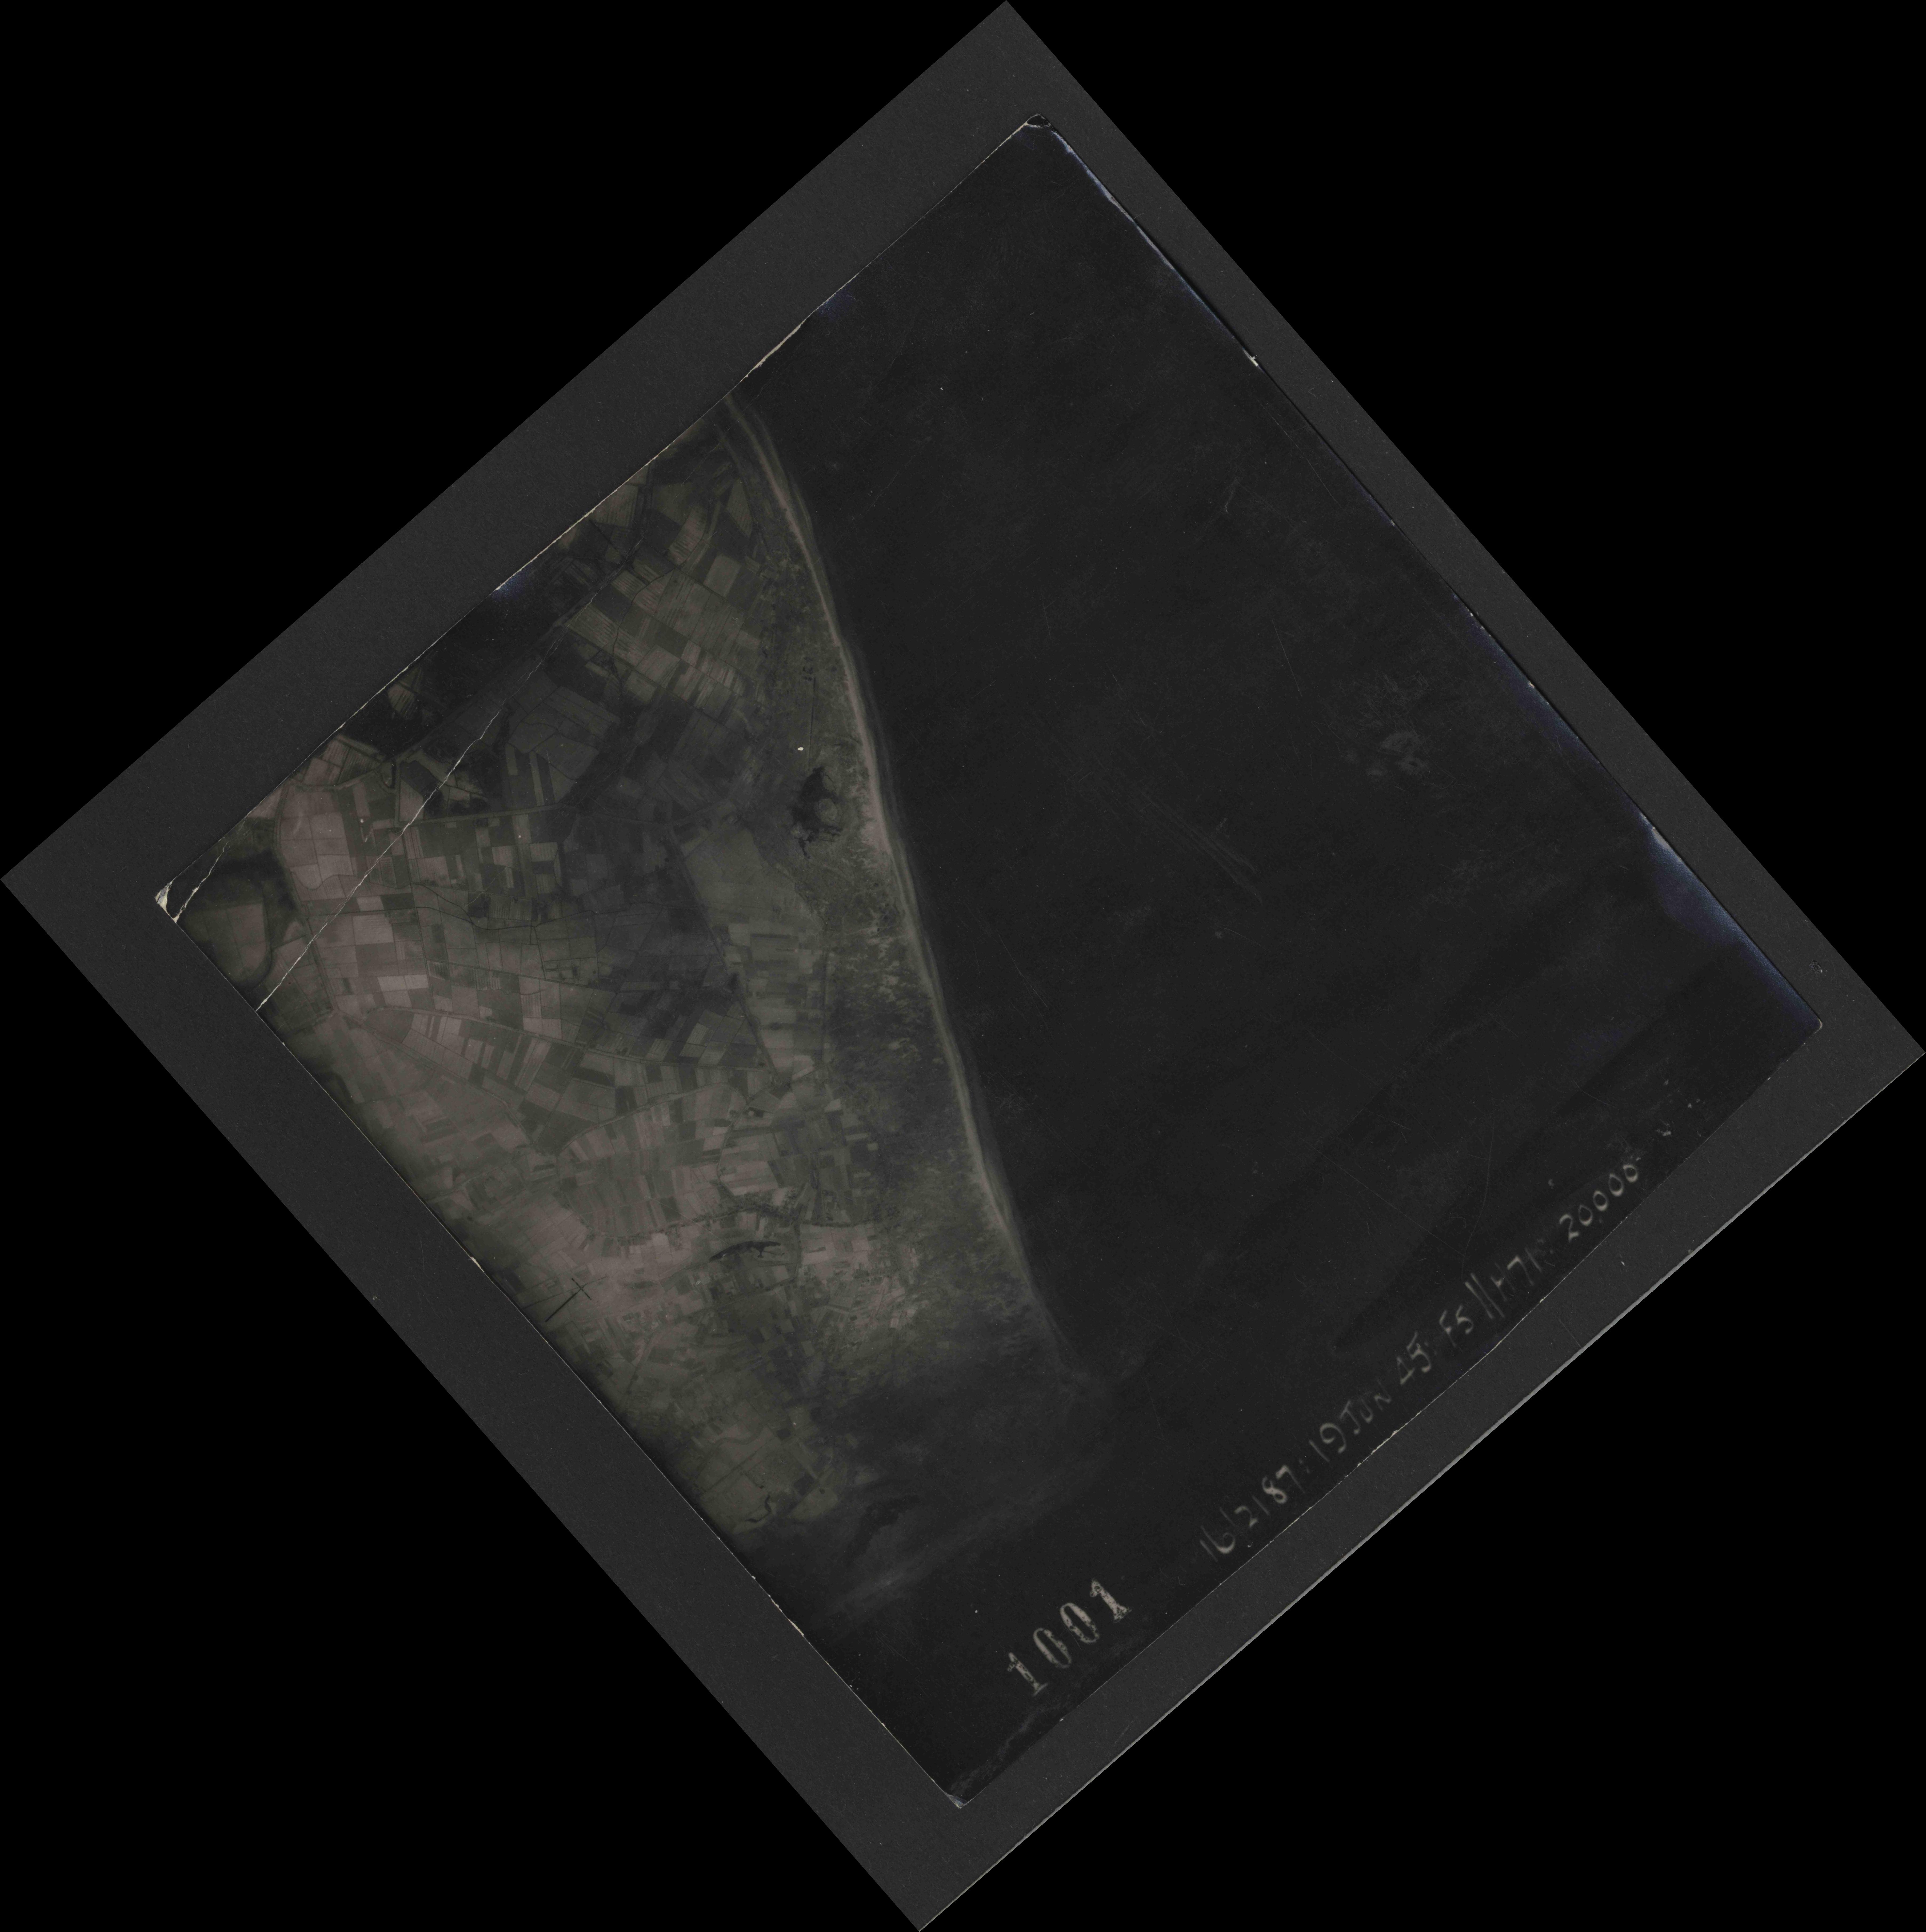 Collection RAF aerial photos 1940-1945 - flight 551, run 01, photo 1001